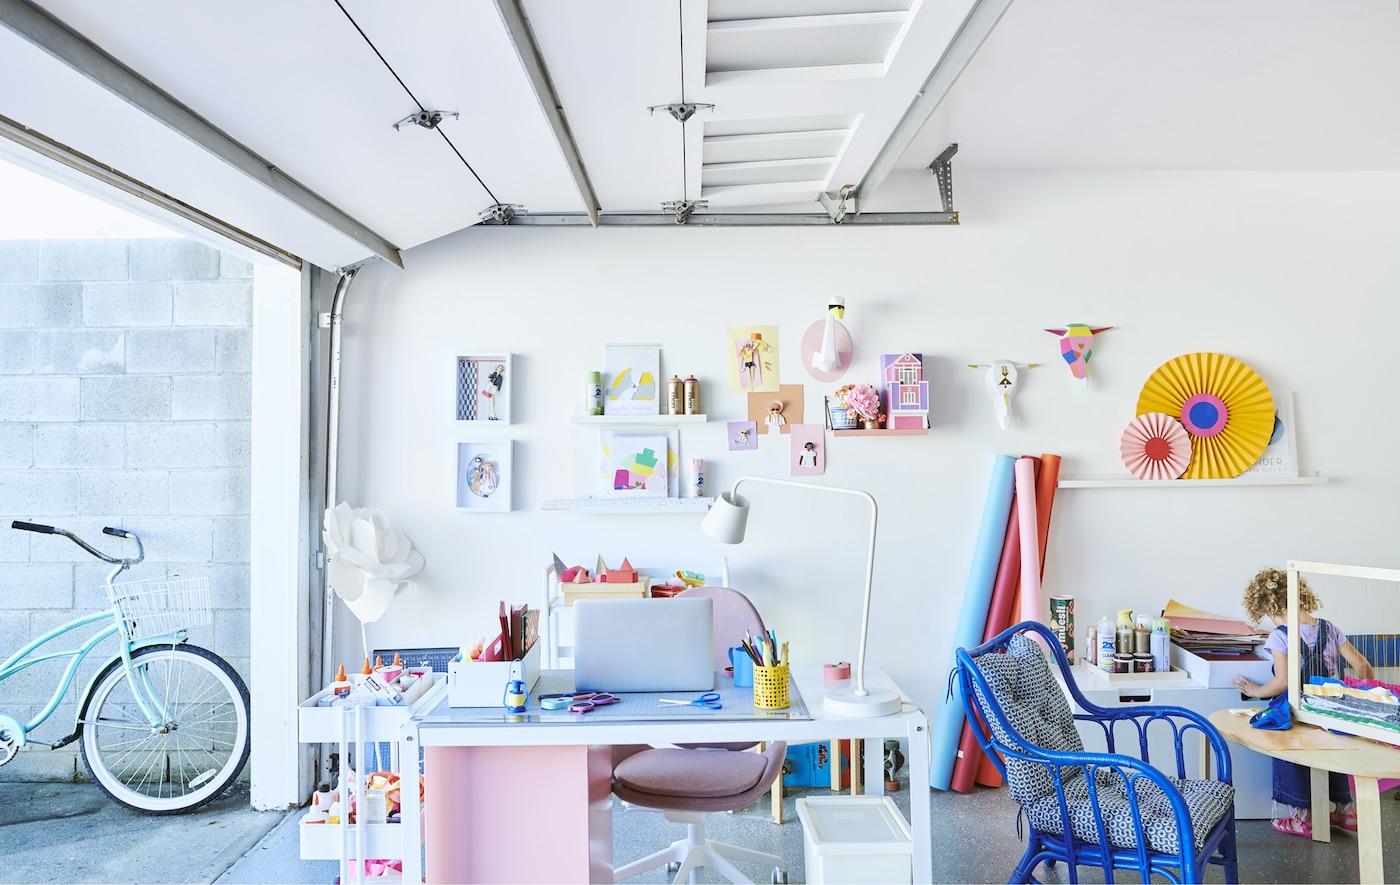 Un espacio de trabajo colorido con un escritorio, un carrito, sillas y expositores de pared, en un garaje con la puerta corredera abierta.